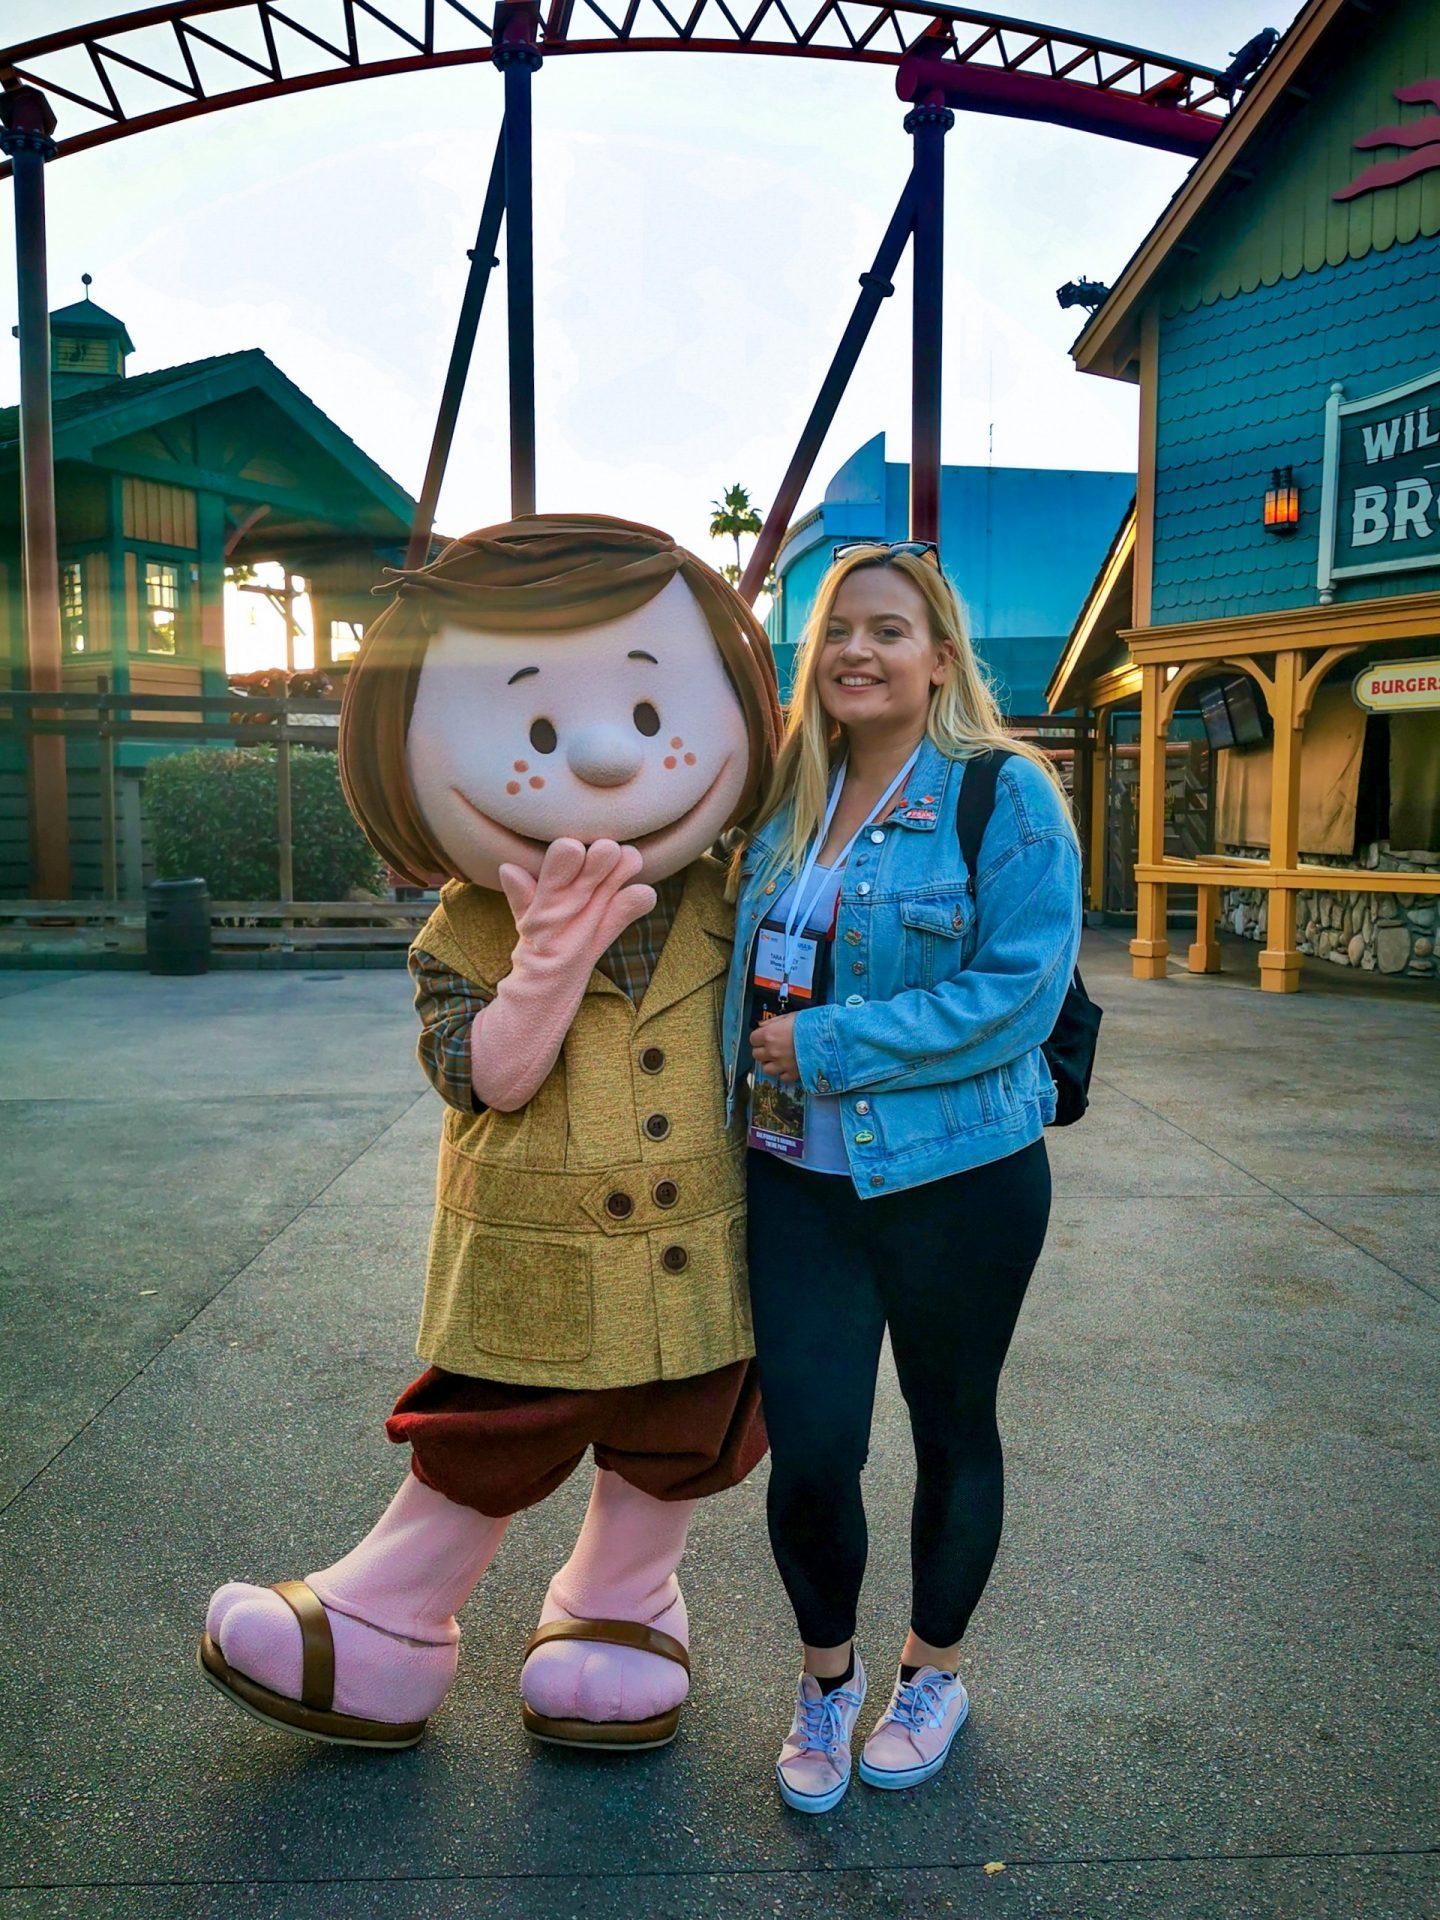 Peppermint Patty Peanuts Knotts Berry Farm Tara Povey 5 days in LA Los Angeles itinerary